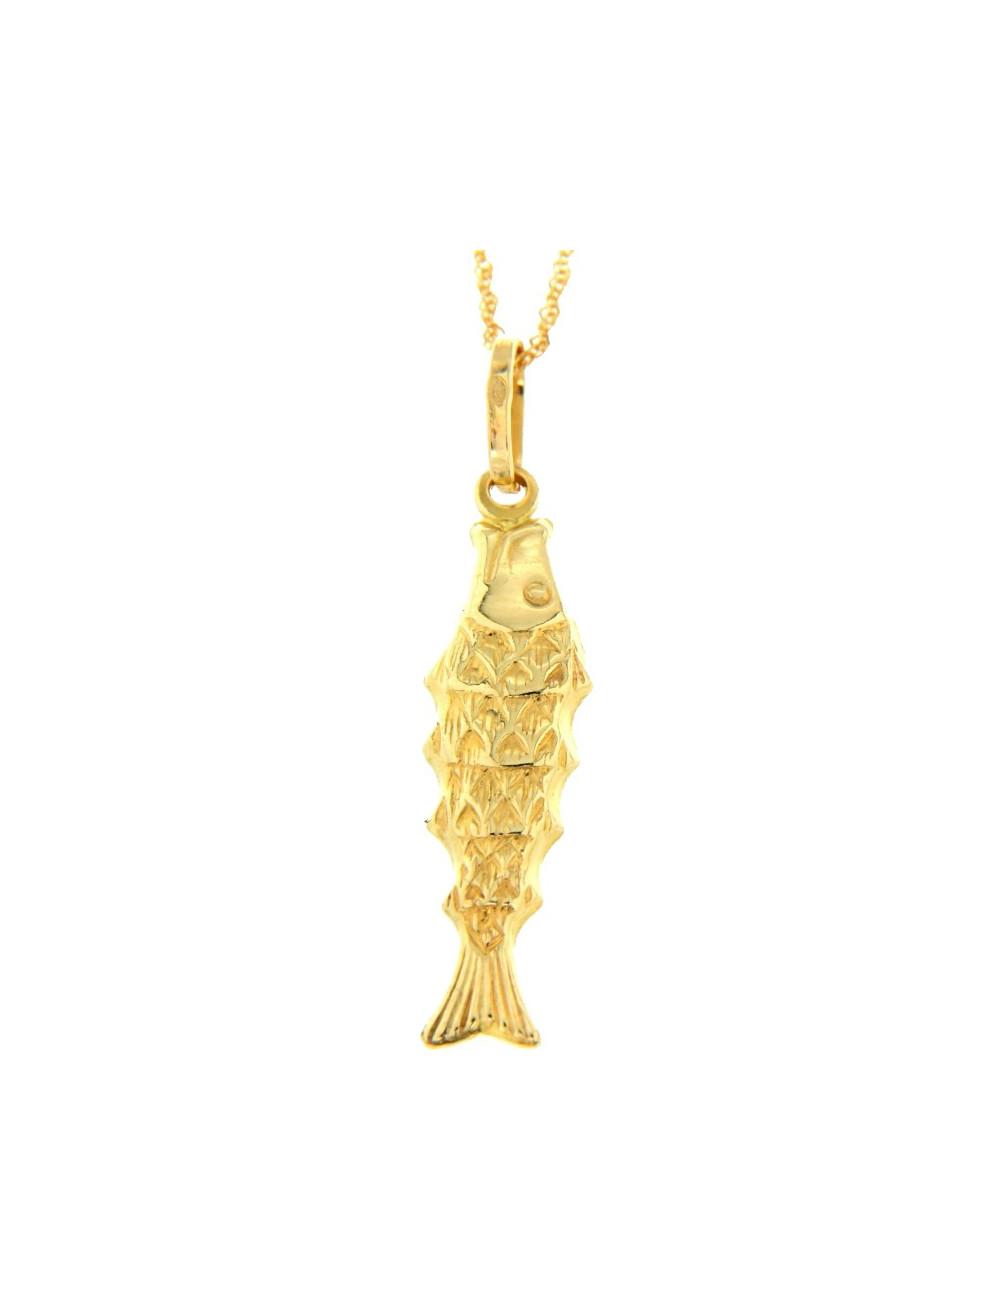 bijoux femme pas cher or jaune 18 carats